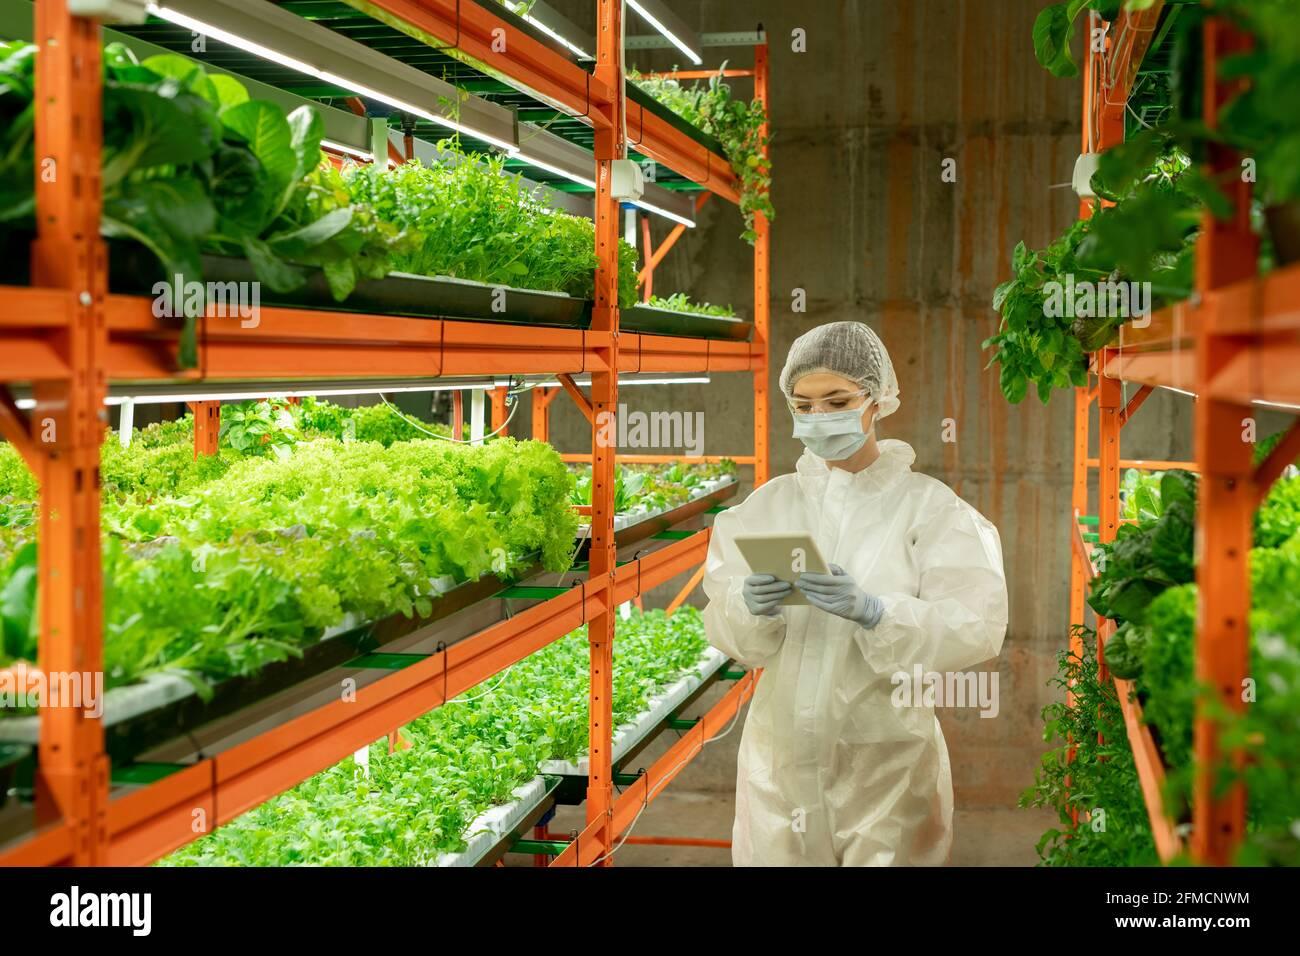 Jeune agronome féminin en costume blanc, gants et masque de protection marchant le long de l'allée verticale de la ferme et utilisant un comprimé tout en analysant la croissance des plantes Banque D'Images